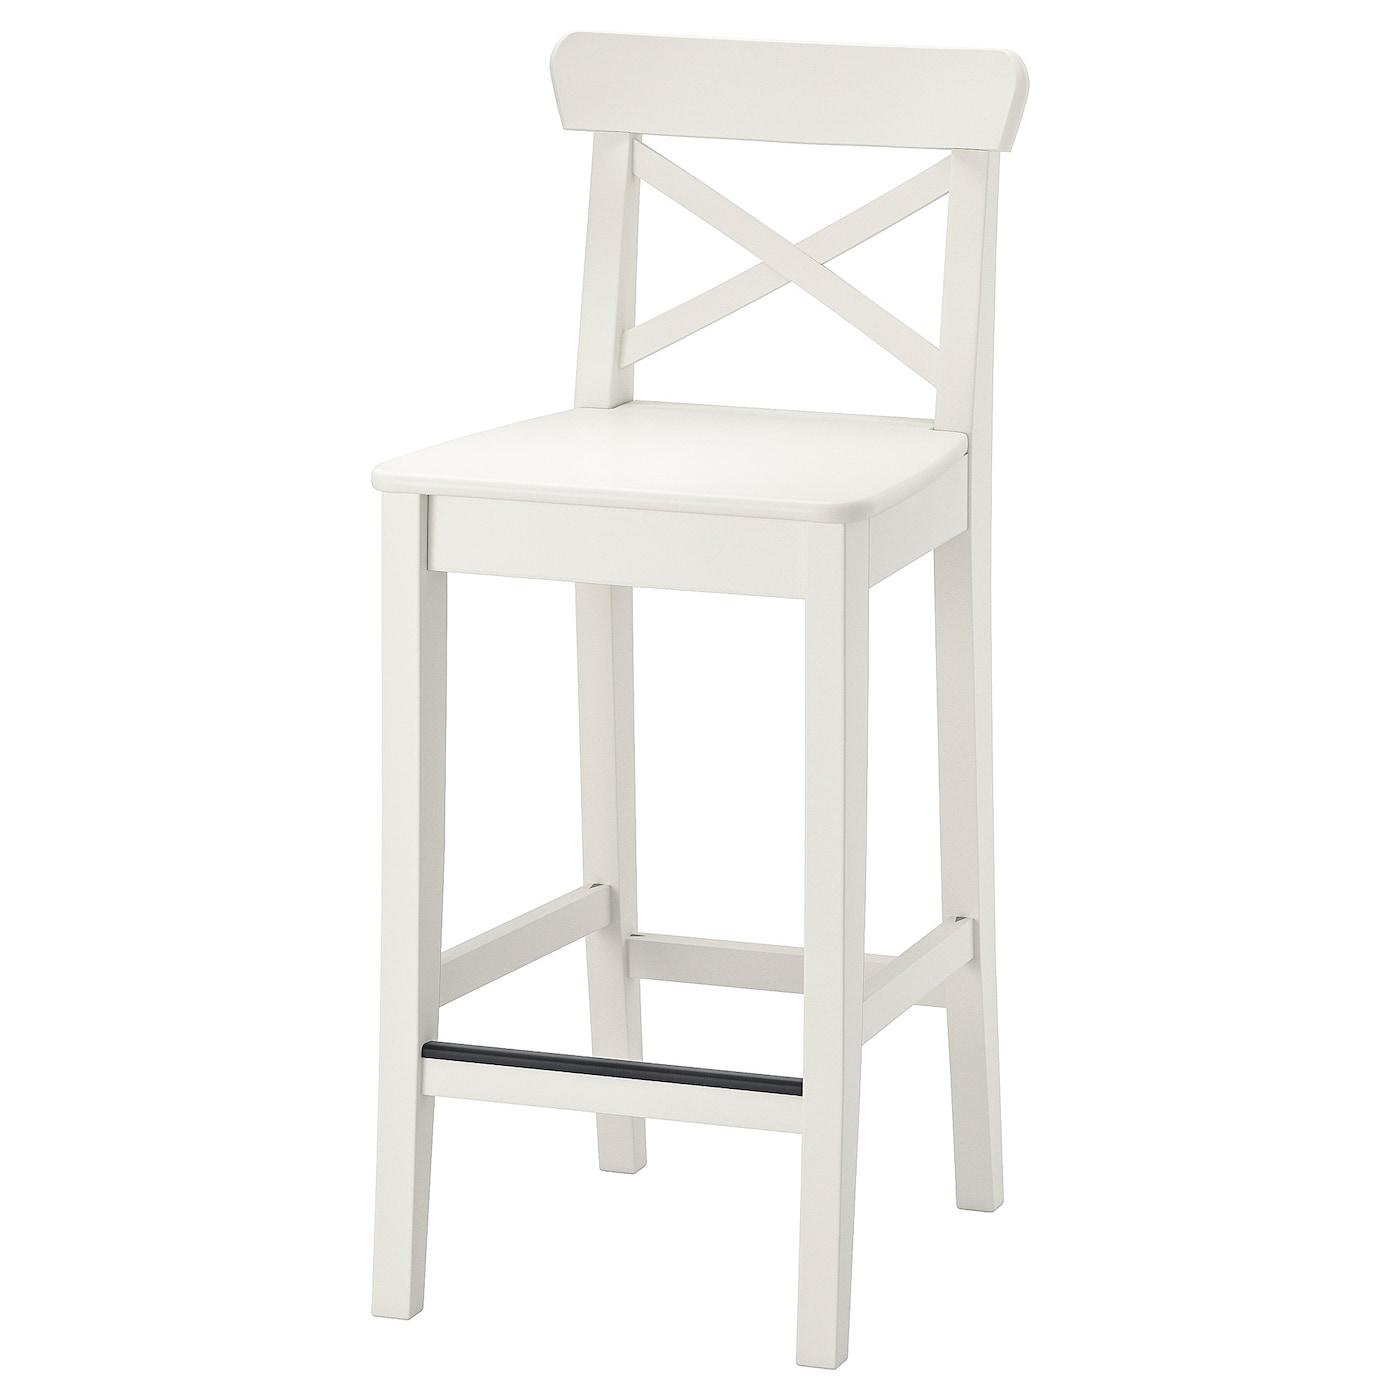 ikea krzesła ingolf 63 białe